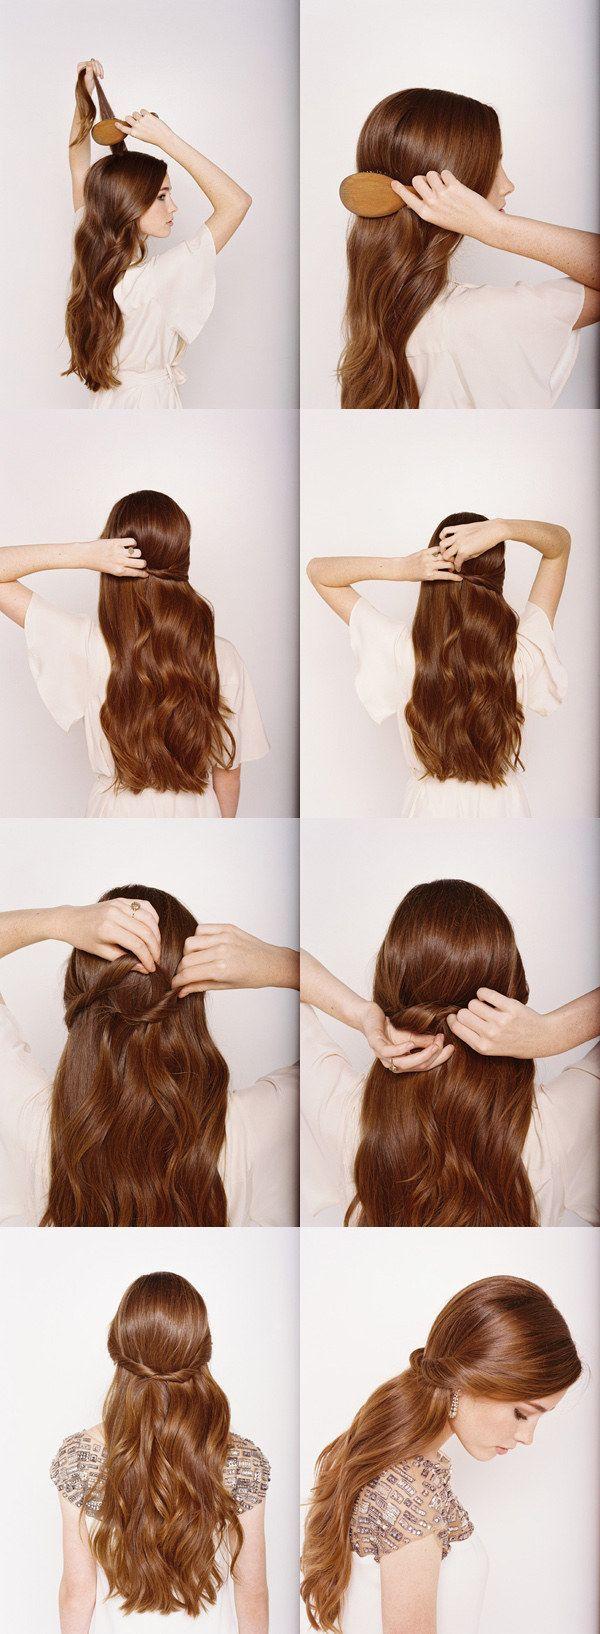 Что делать с длинными волосами фото